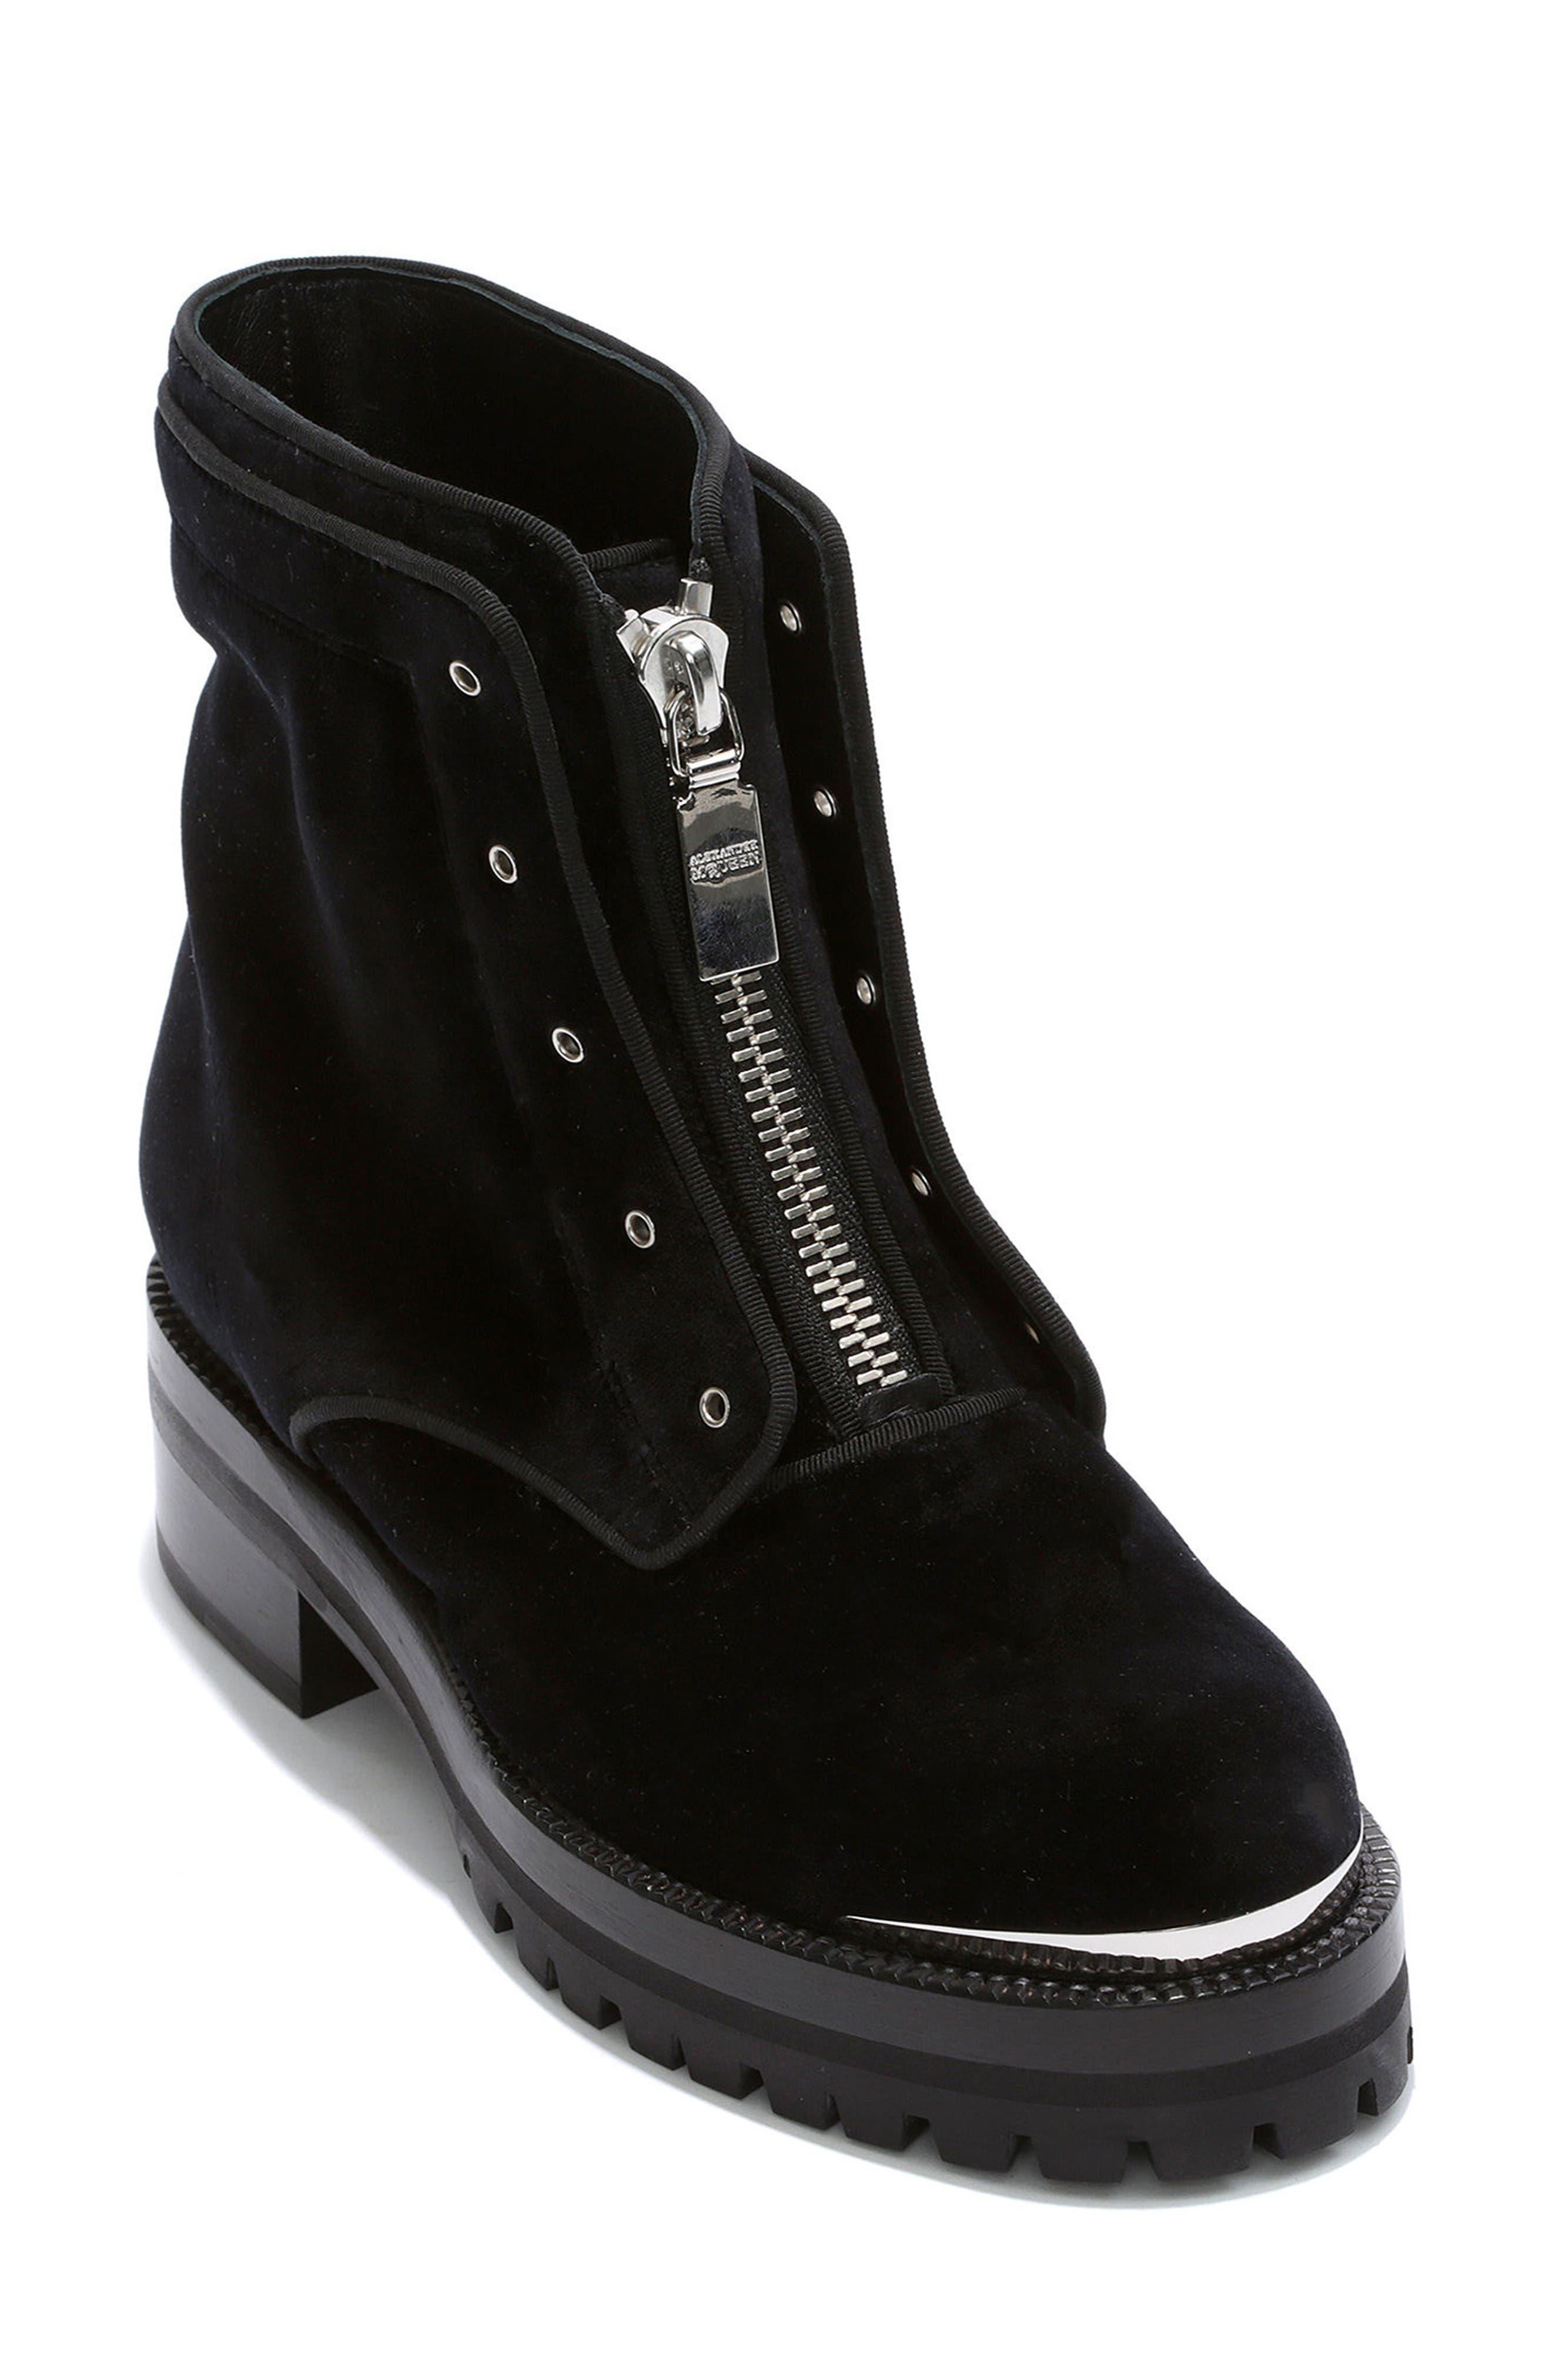 Alexander McQueen Ankle Boot (Women)